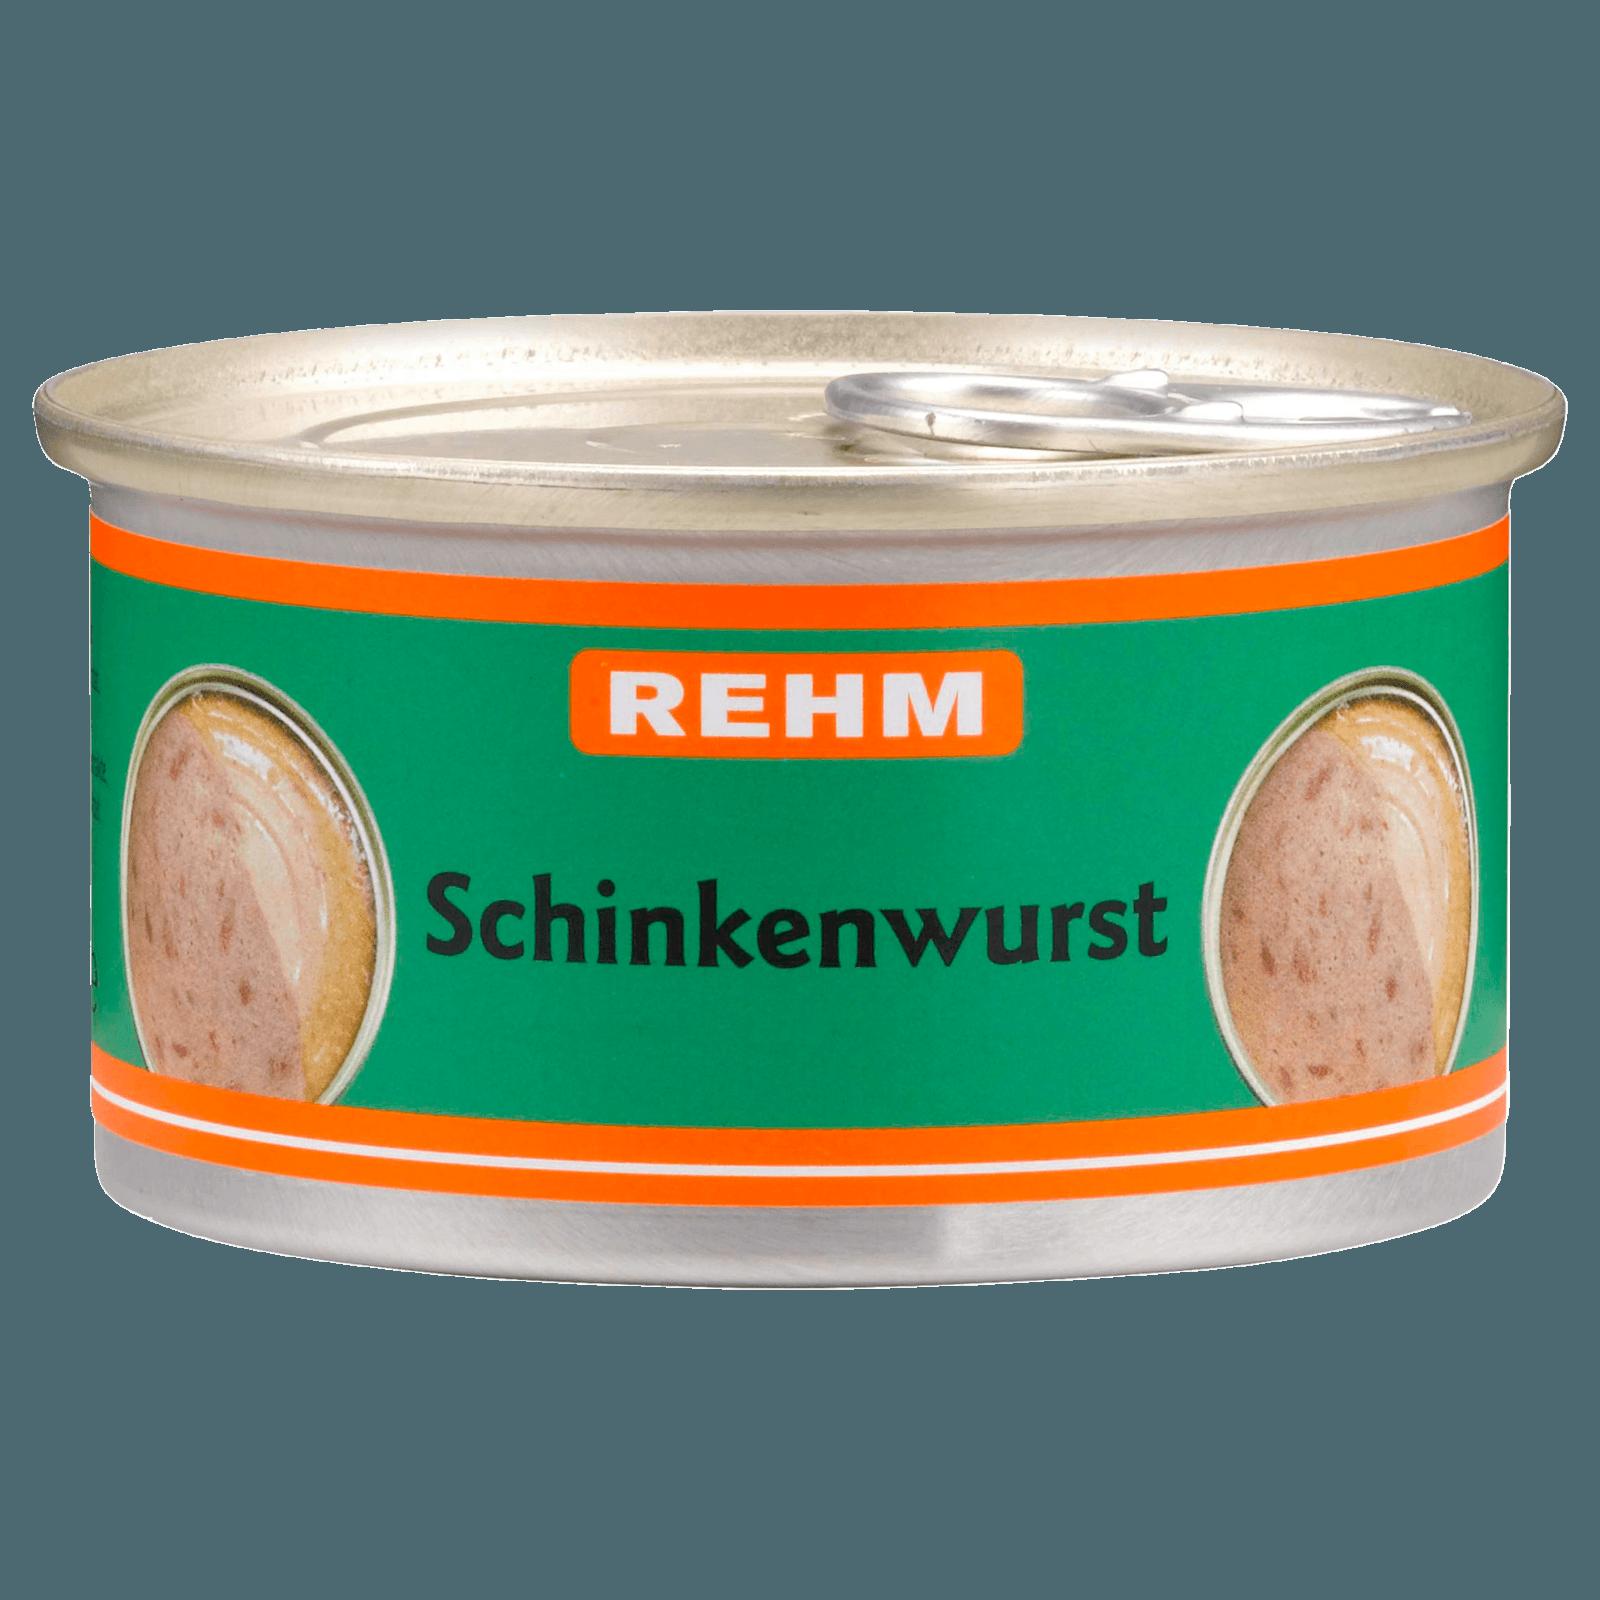 Rehm Schwäbische Schinkenwurst 125g